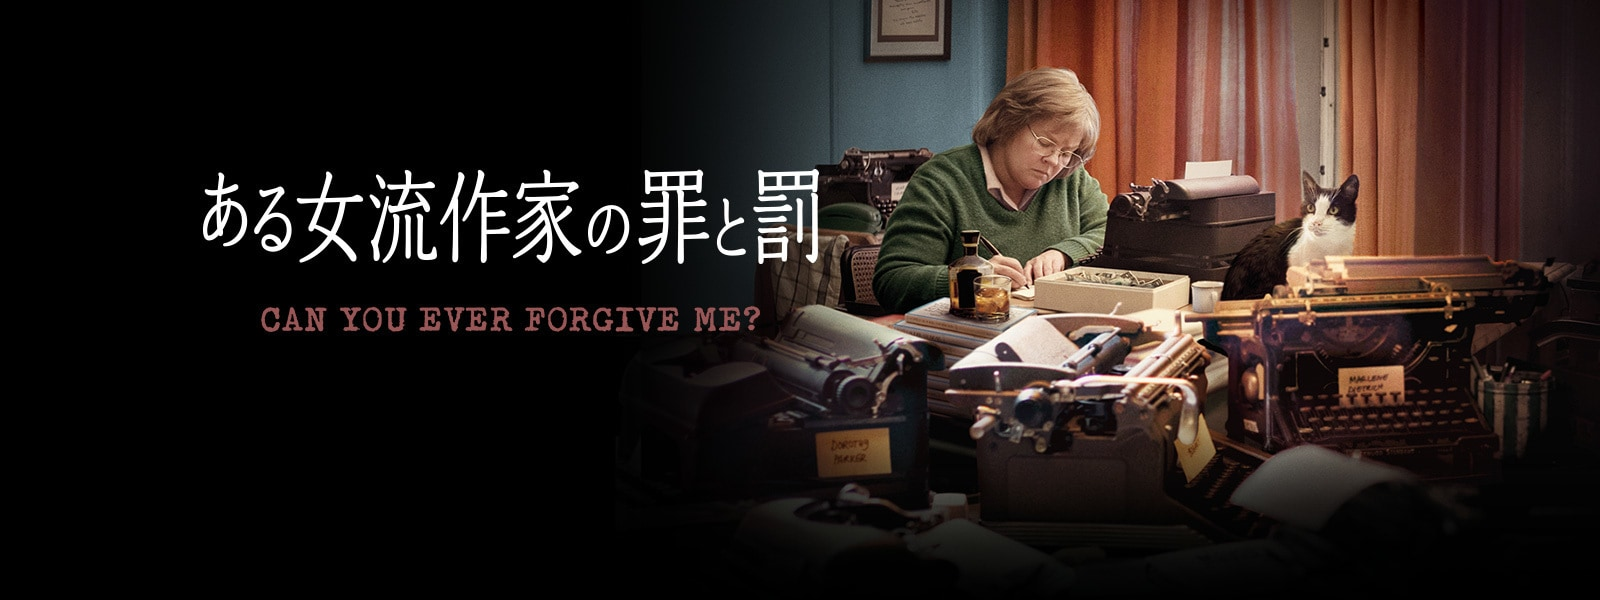 ある女流作家の罪と罰|Can You Ever Forgive Me? Hero Object